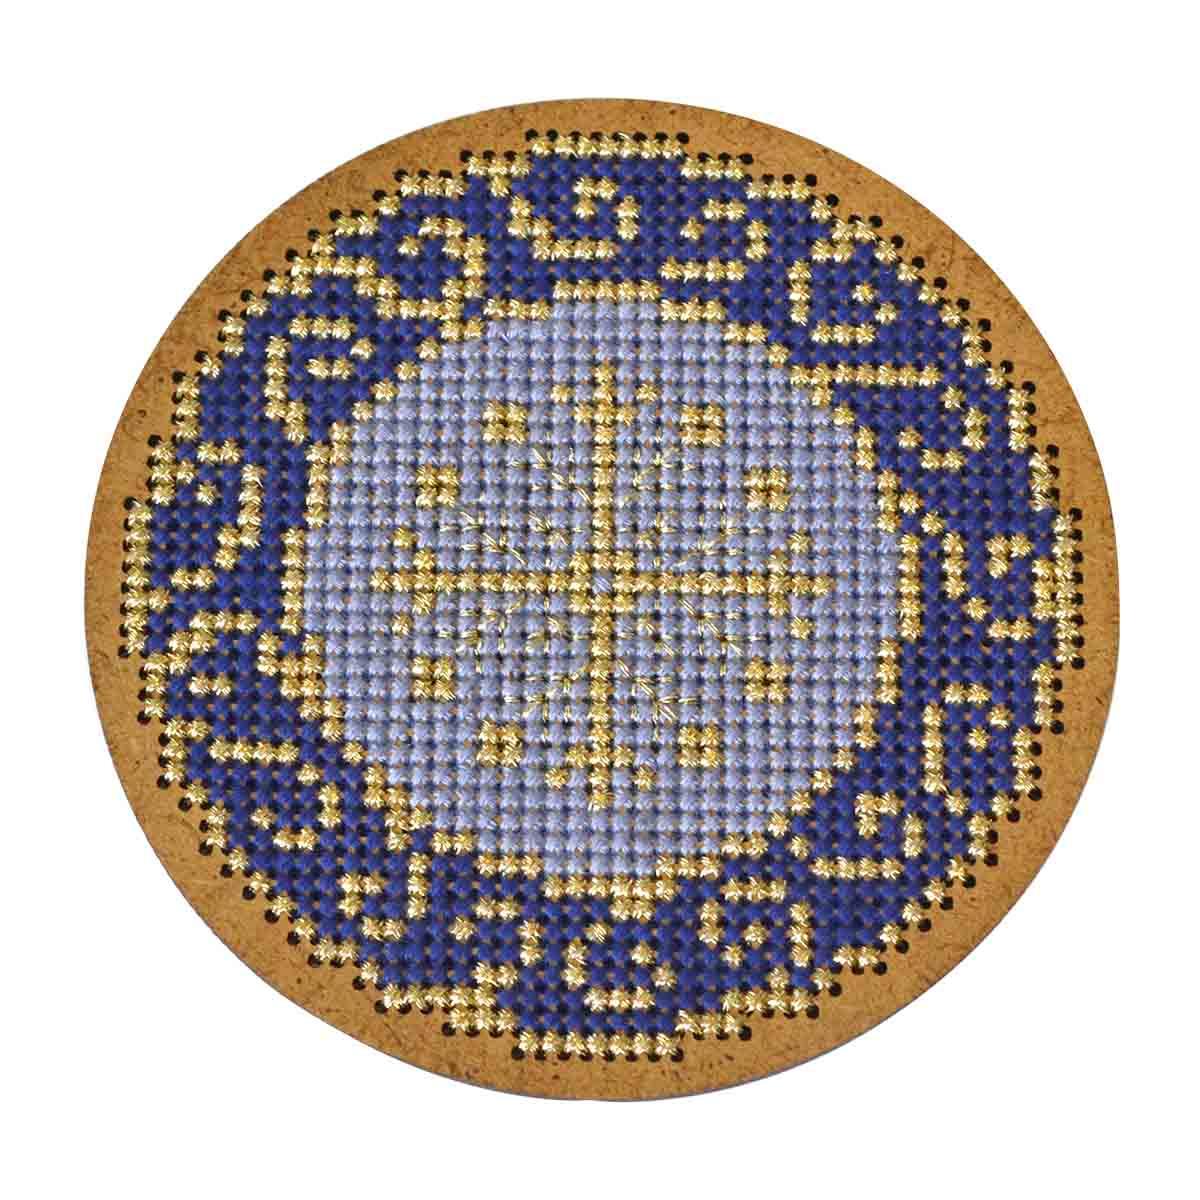 ИК-009 Набор для вышивания крестом на основе Созвездие 'Новогодняя игрушка 'Золотая роспись'8,5*8,5см